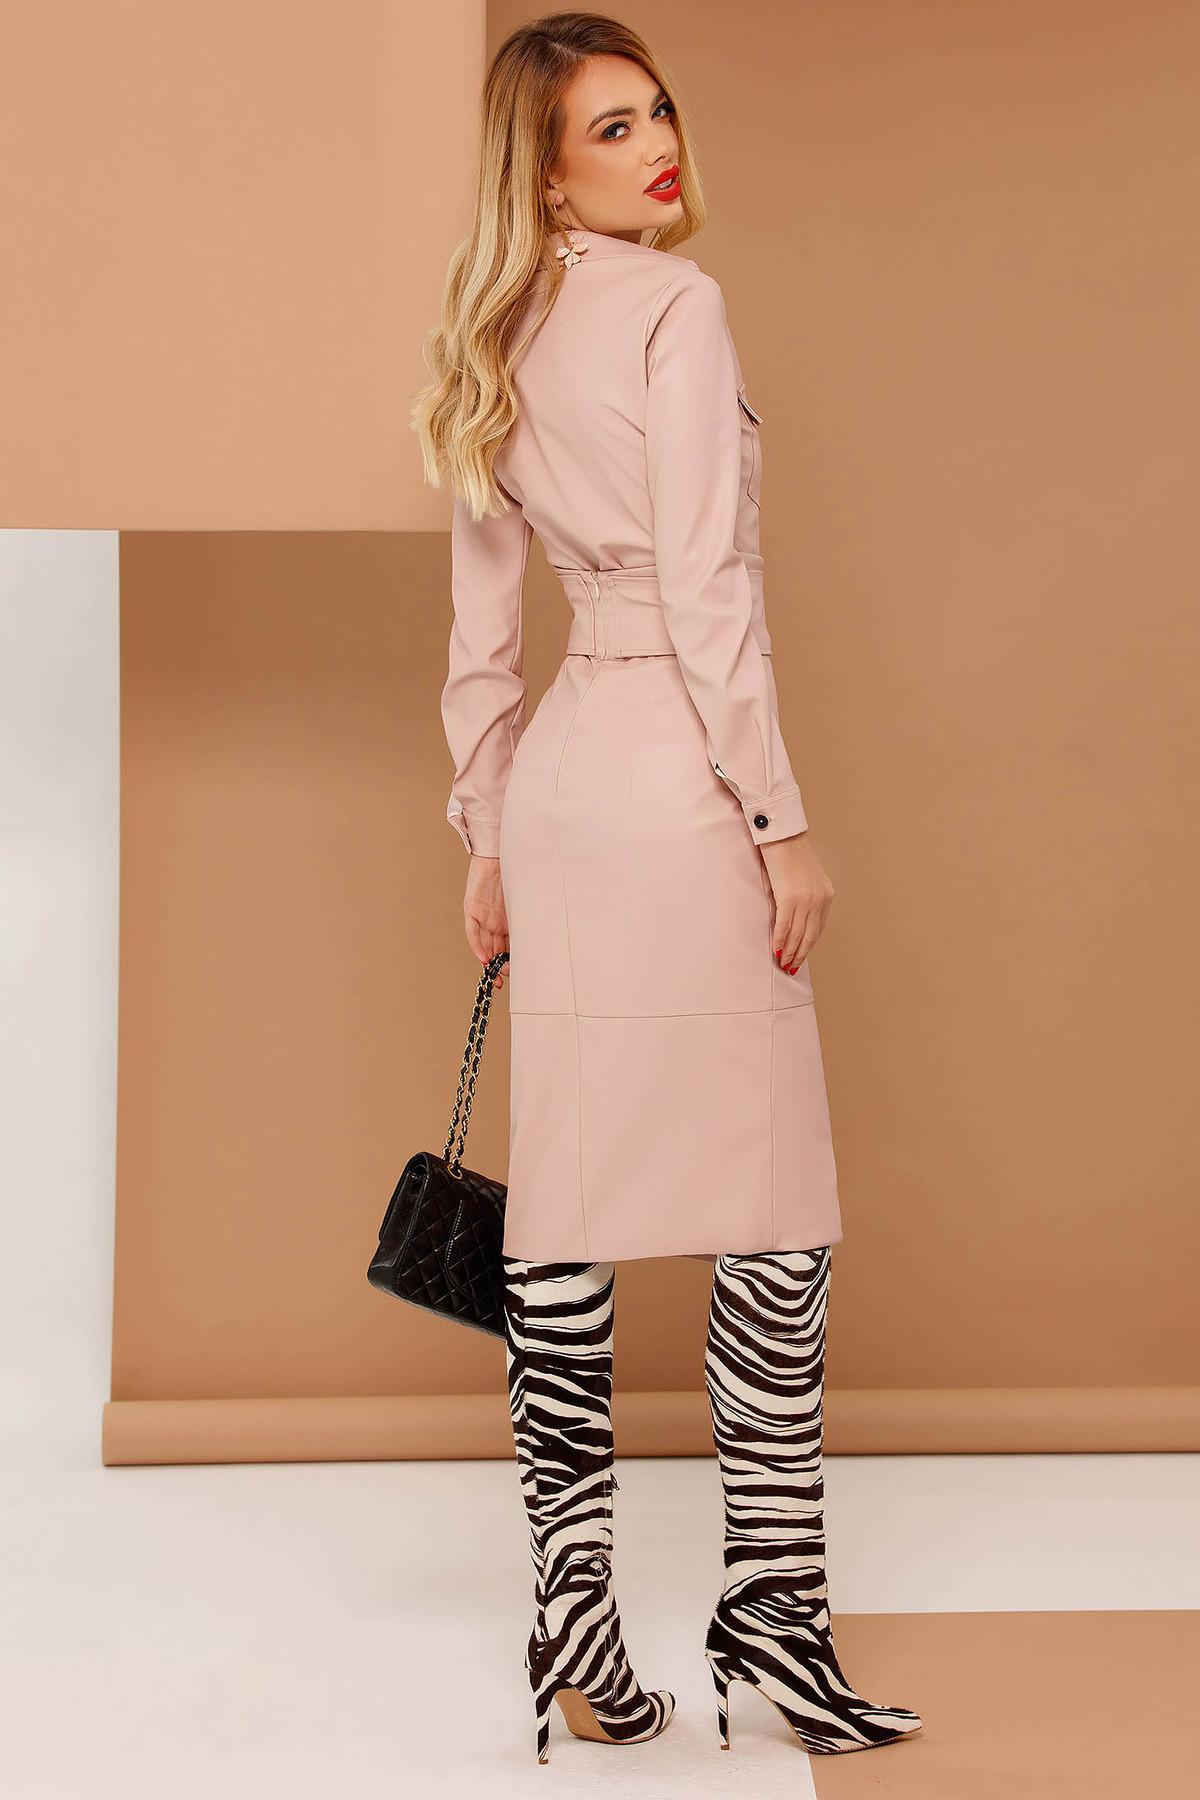 Fusta PrettyGirl rosa tip creion cu talie inalta din piele ecologica captusita pe interior accesorizata cu cordon